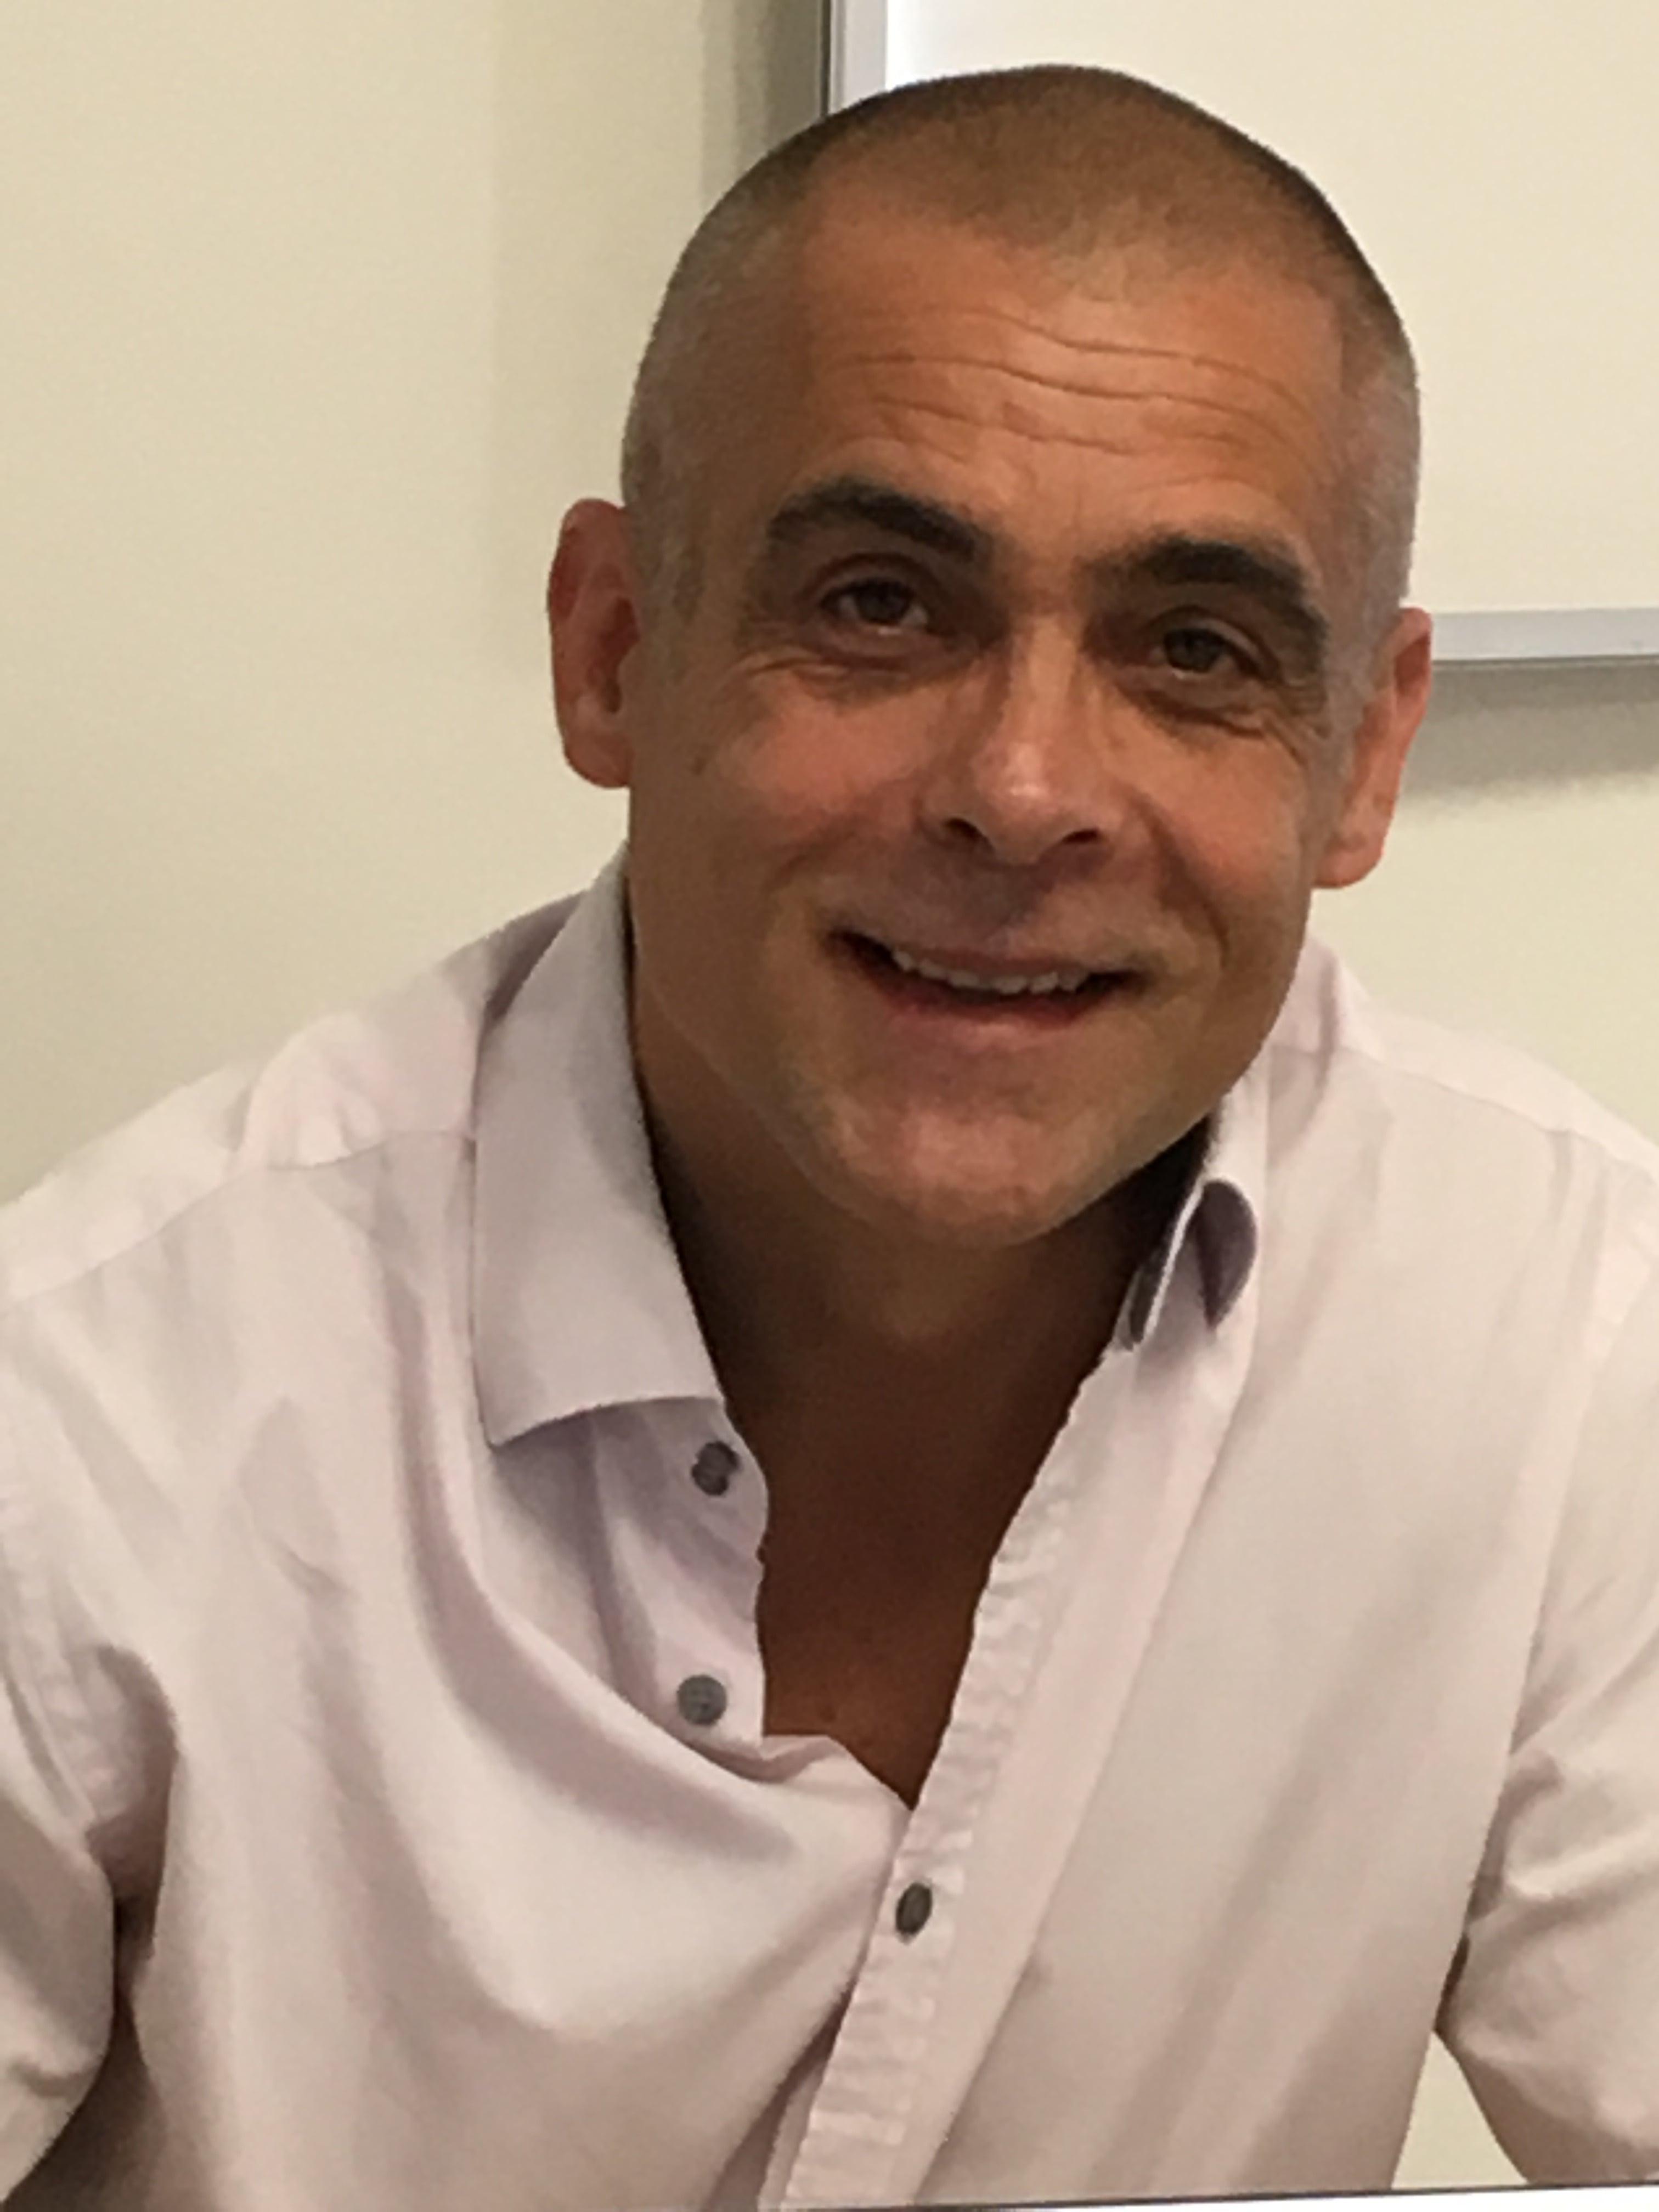 La psychologie selon une approche durable - Jean-Louis Lamouille - Psychologue à Grenoble